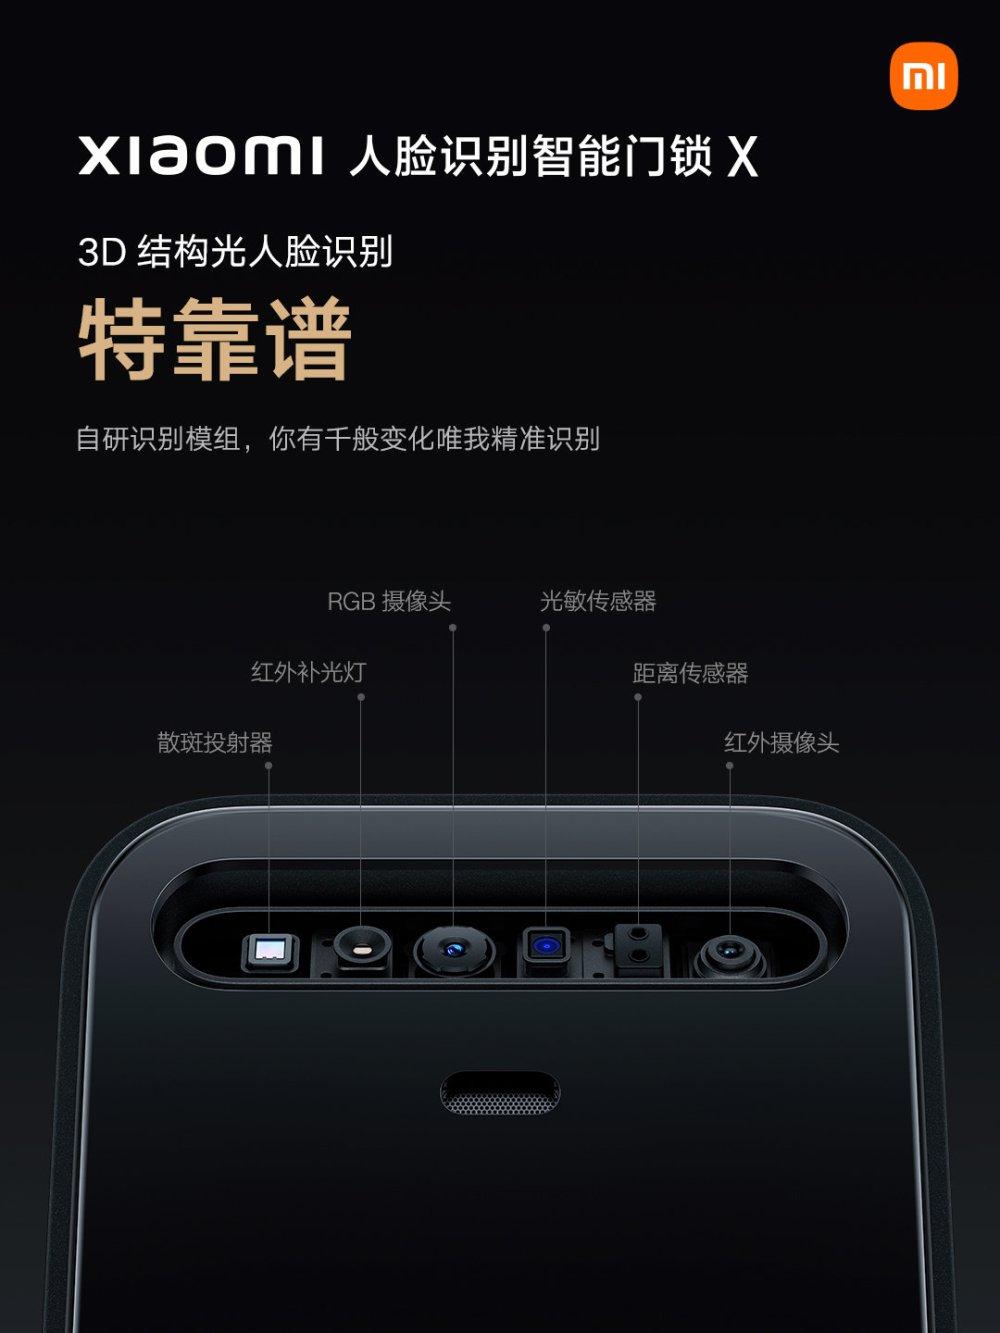 Xiaomi smart door lock X image 4